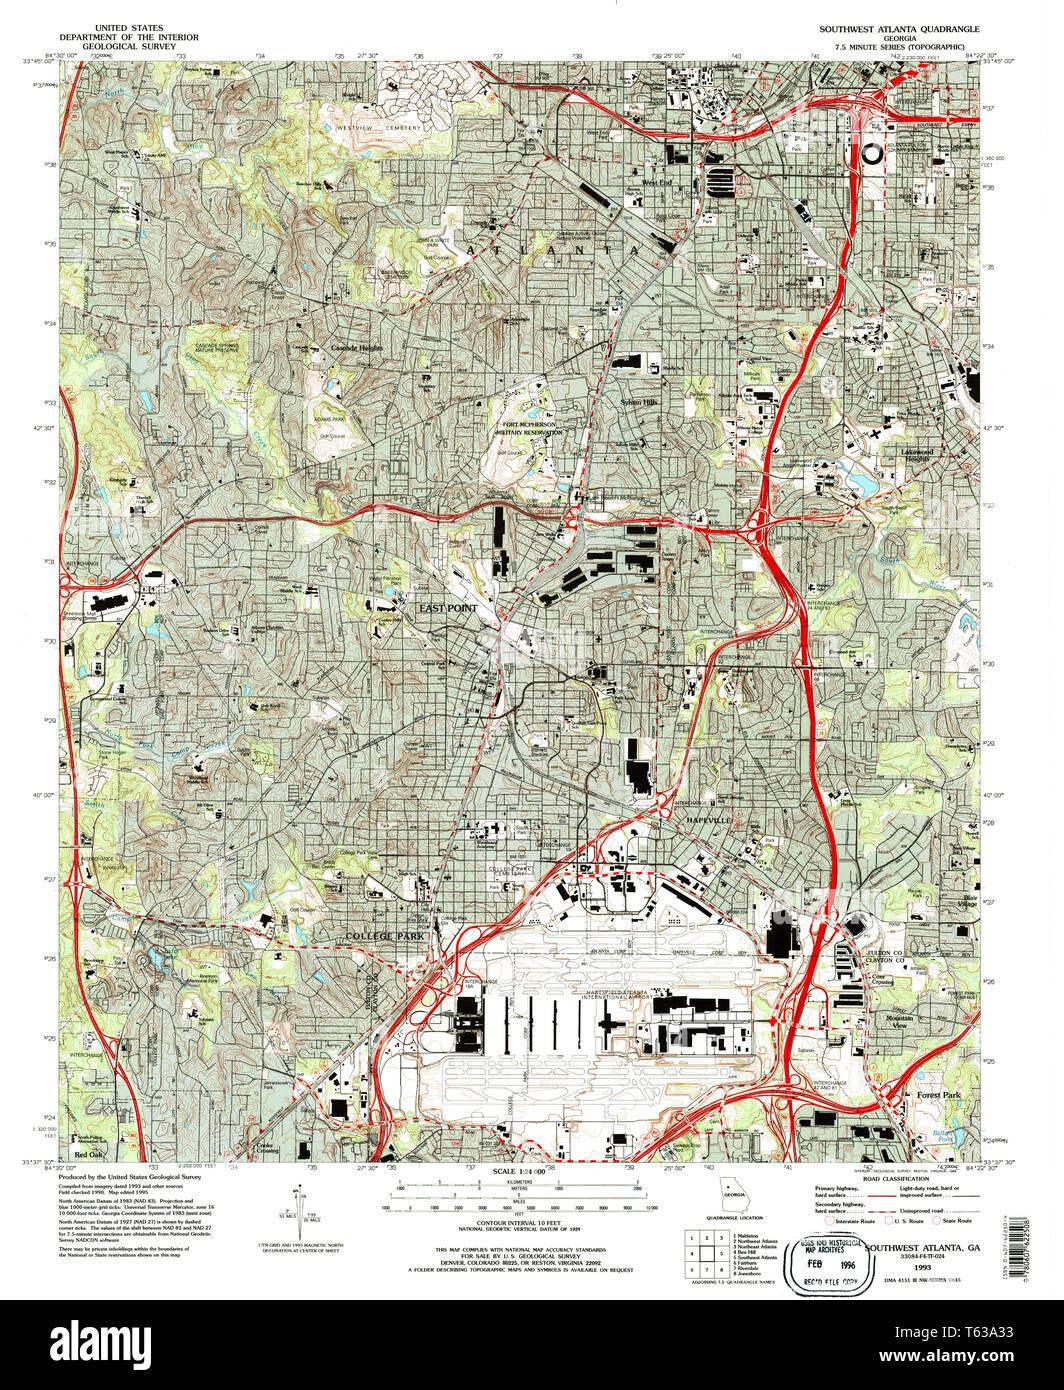 Map Of Southwest Georgia.Usgs Topo Map Georgia Ga Southwest Atlanta 246968 1993 24000